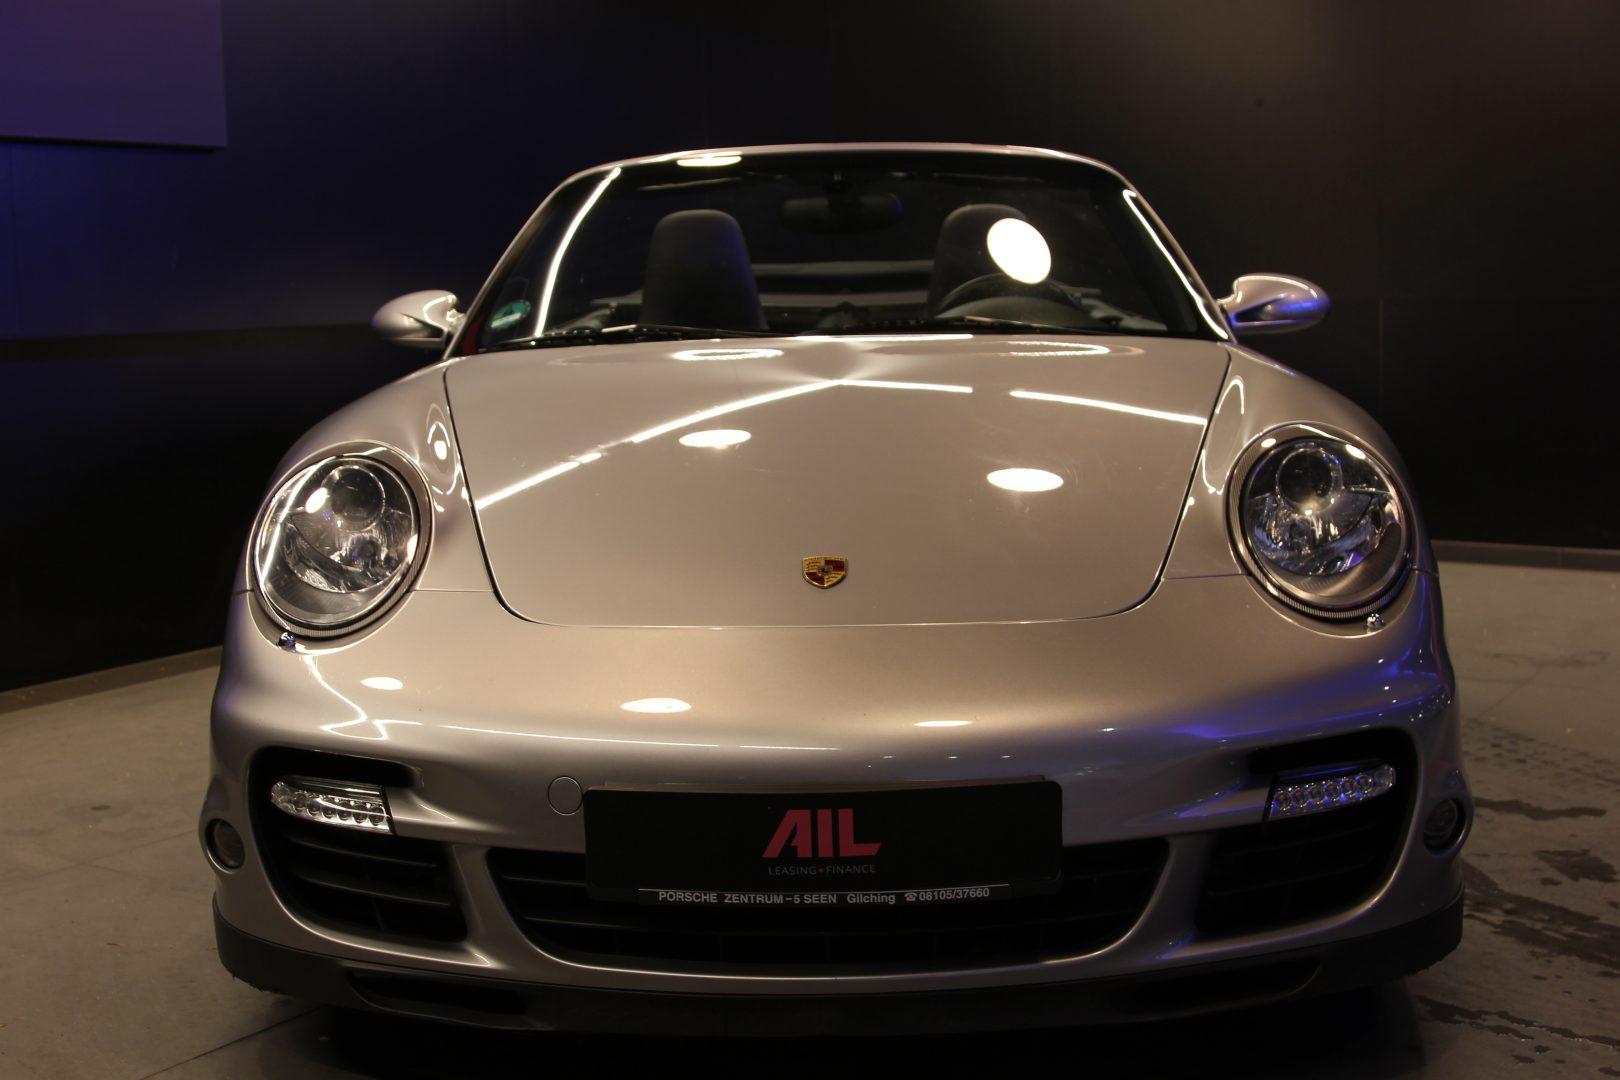 AIL Porsche 997 Turbo Cabrio  2